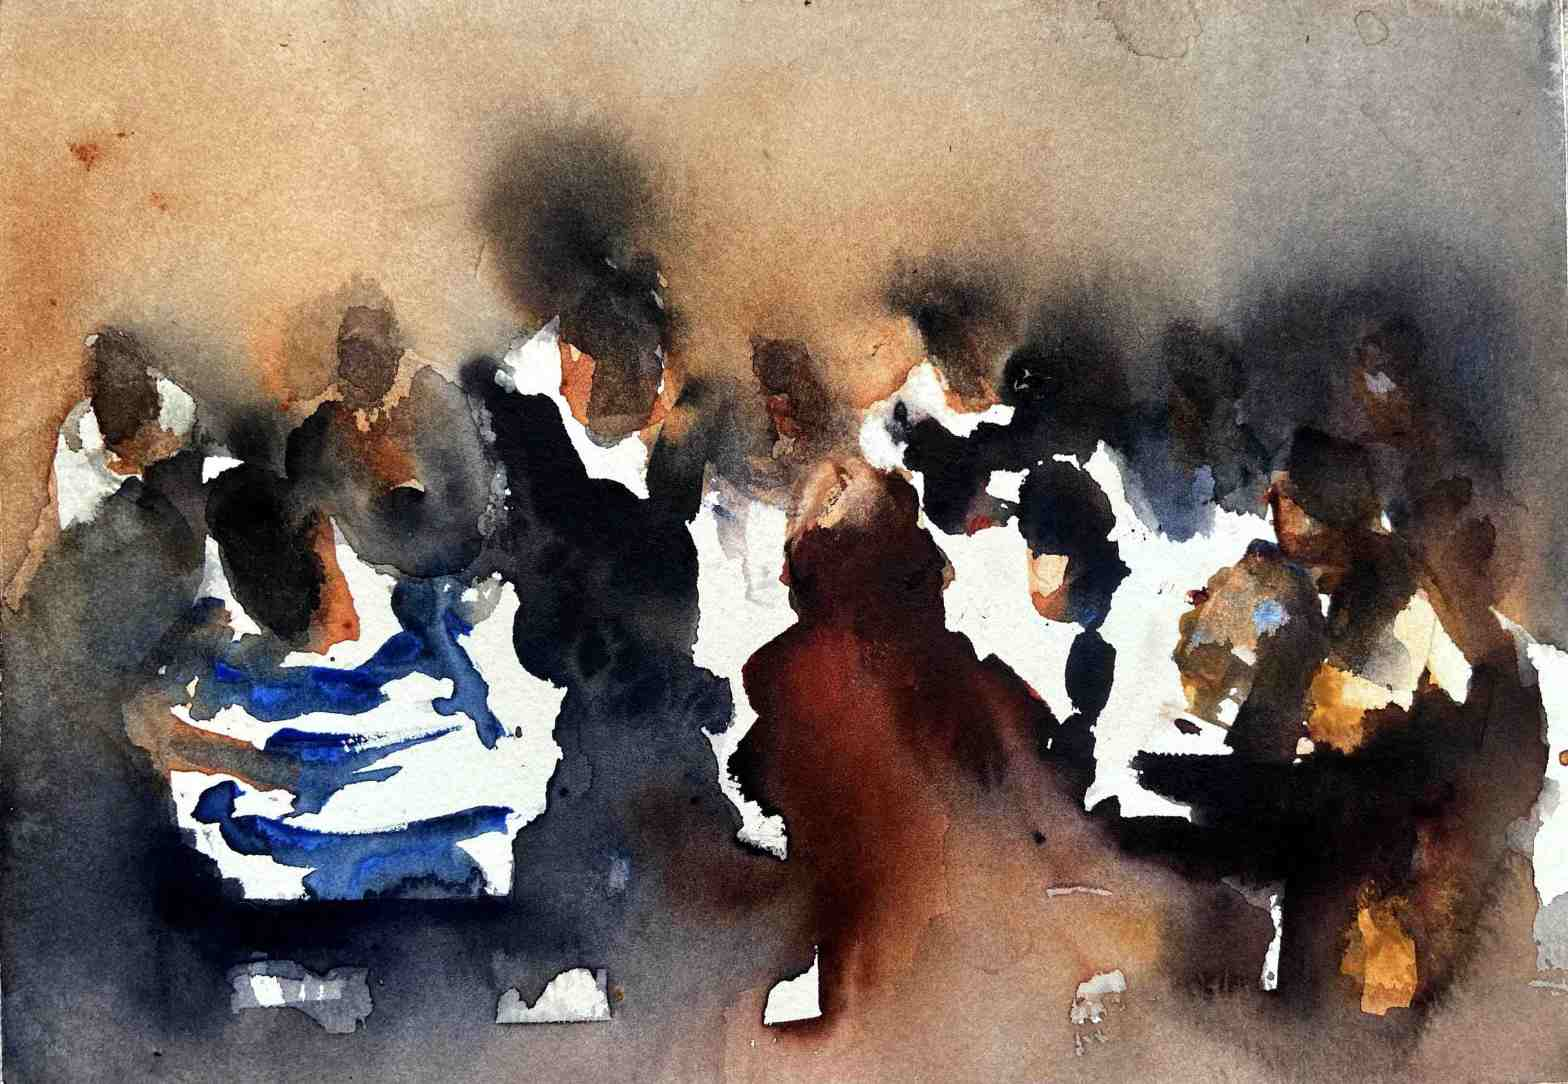 En akvarellmålning med sittande människor i restaurangmiljö